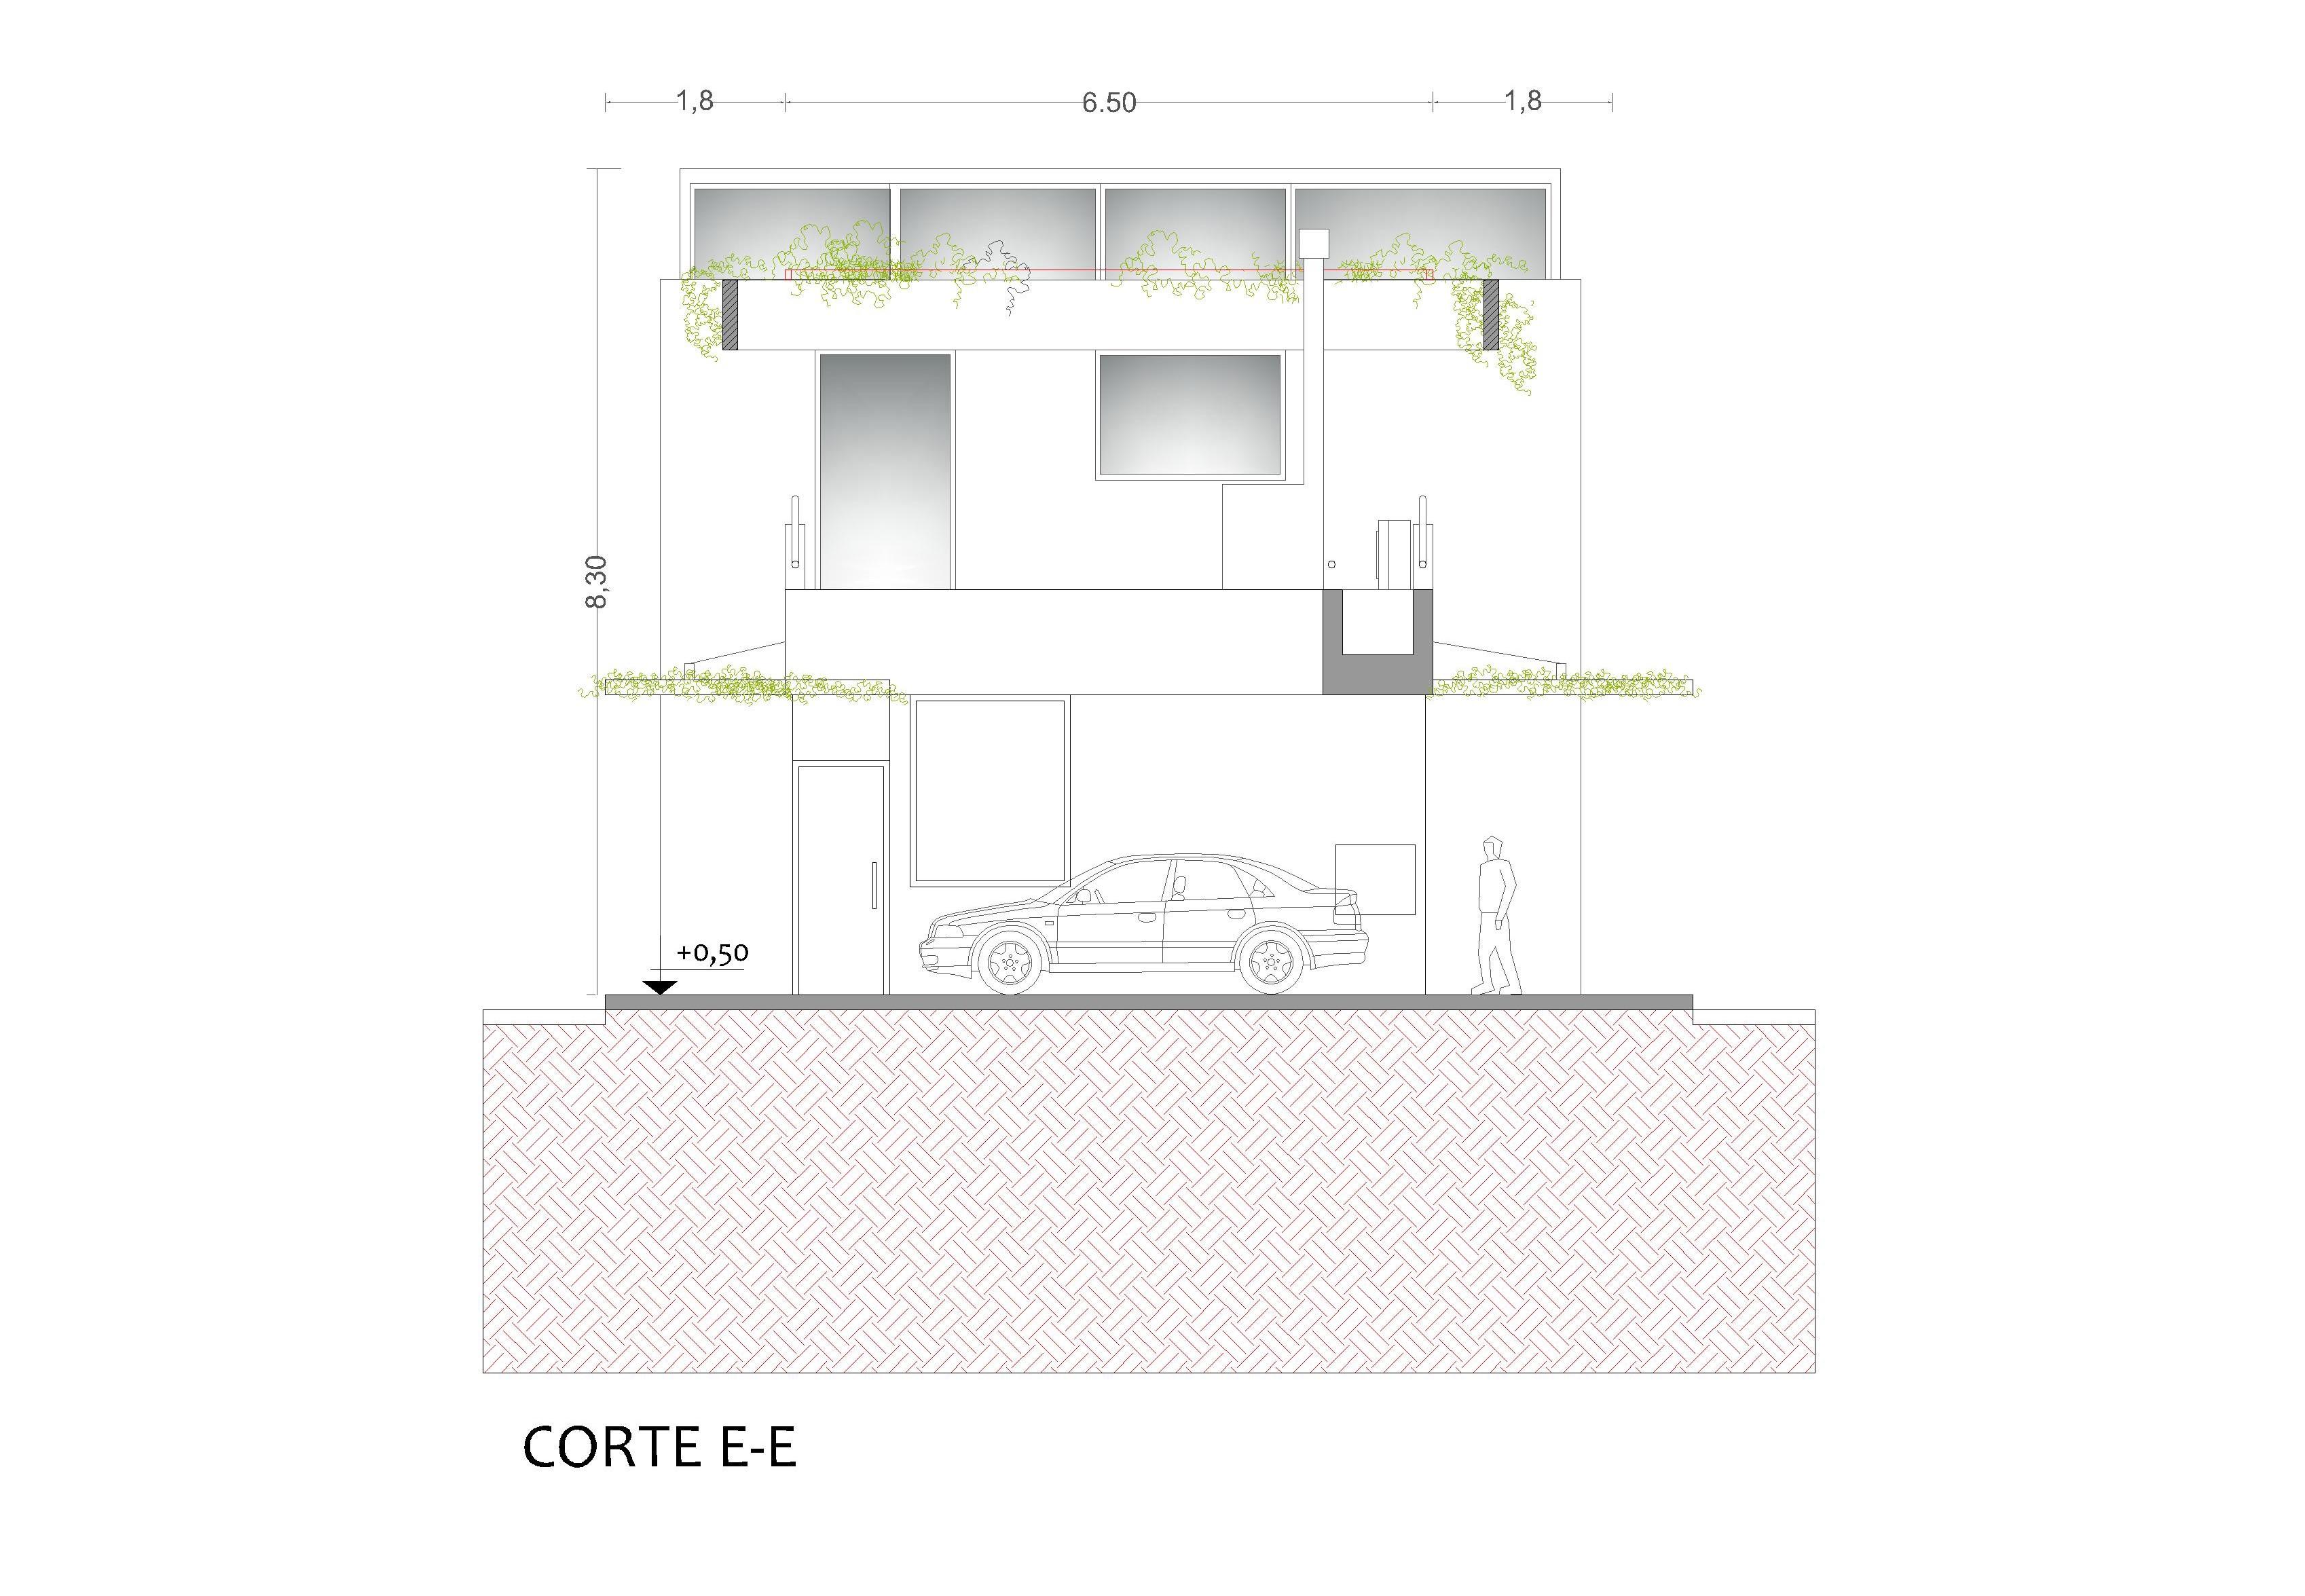 CORTE E-E